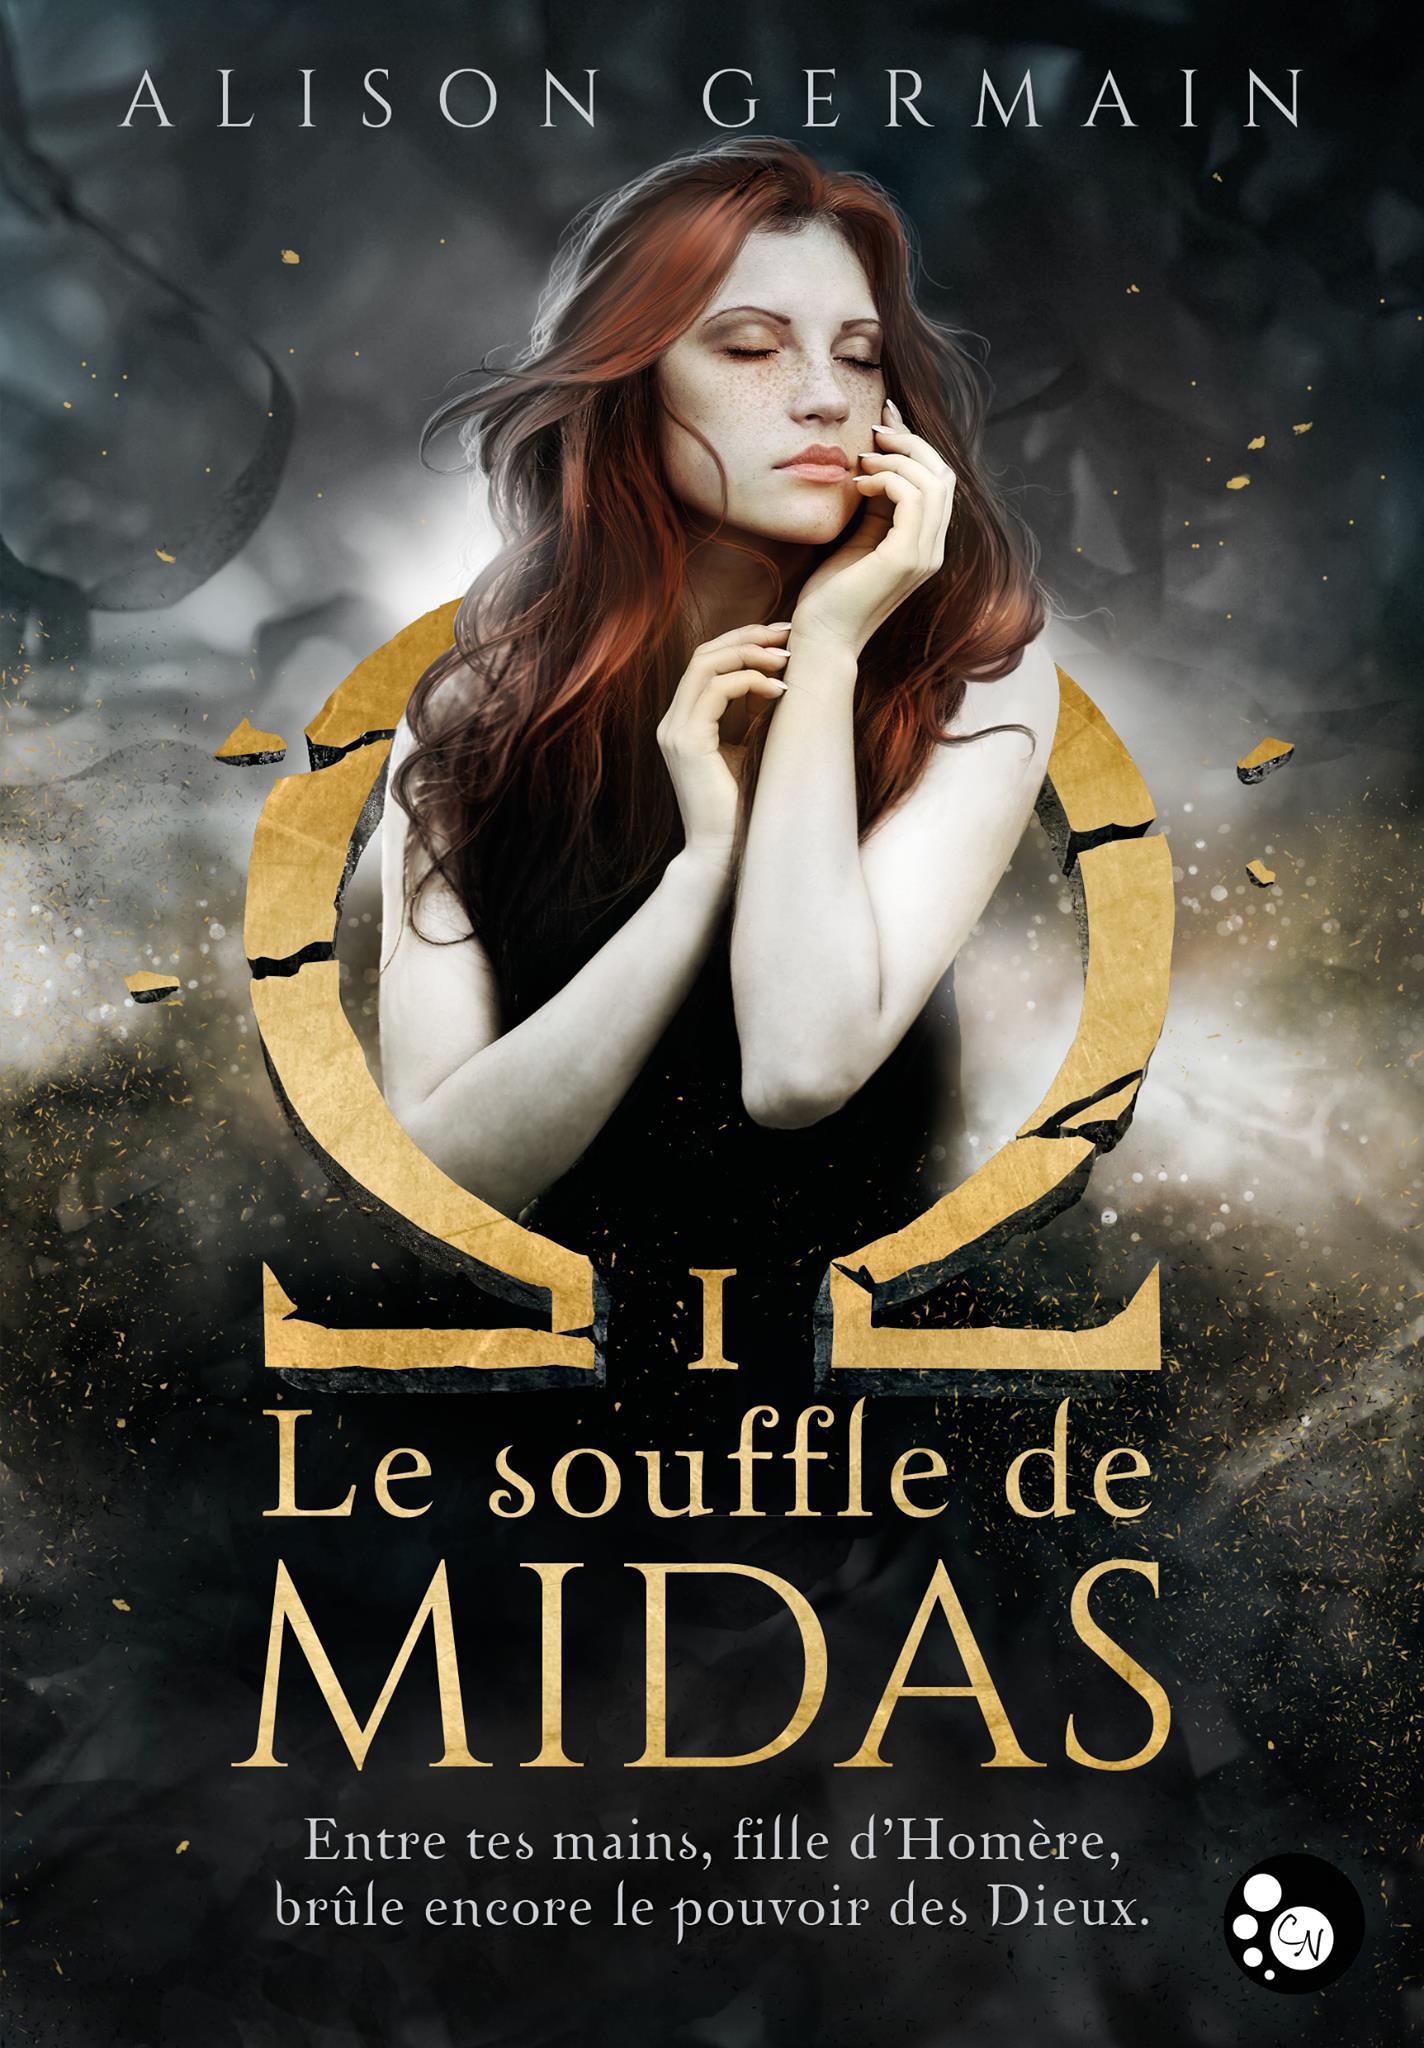 Le Souffle de Midas, tome 1, de Alison Germain